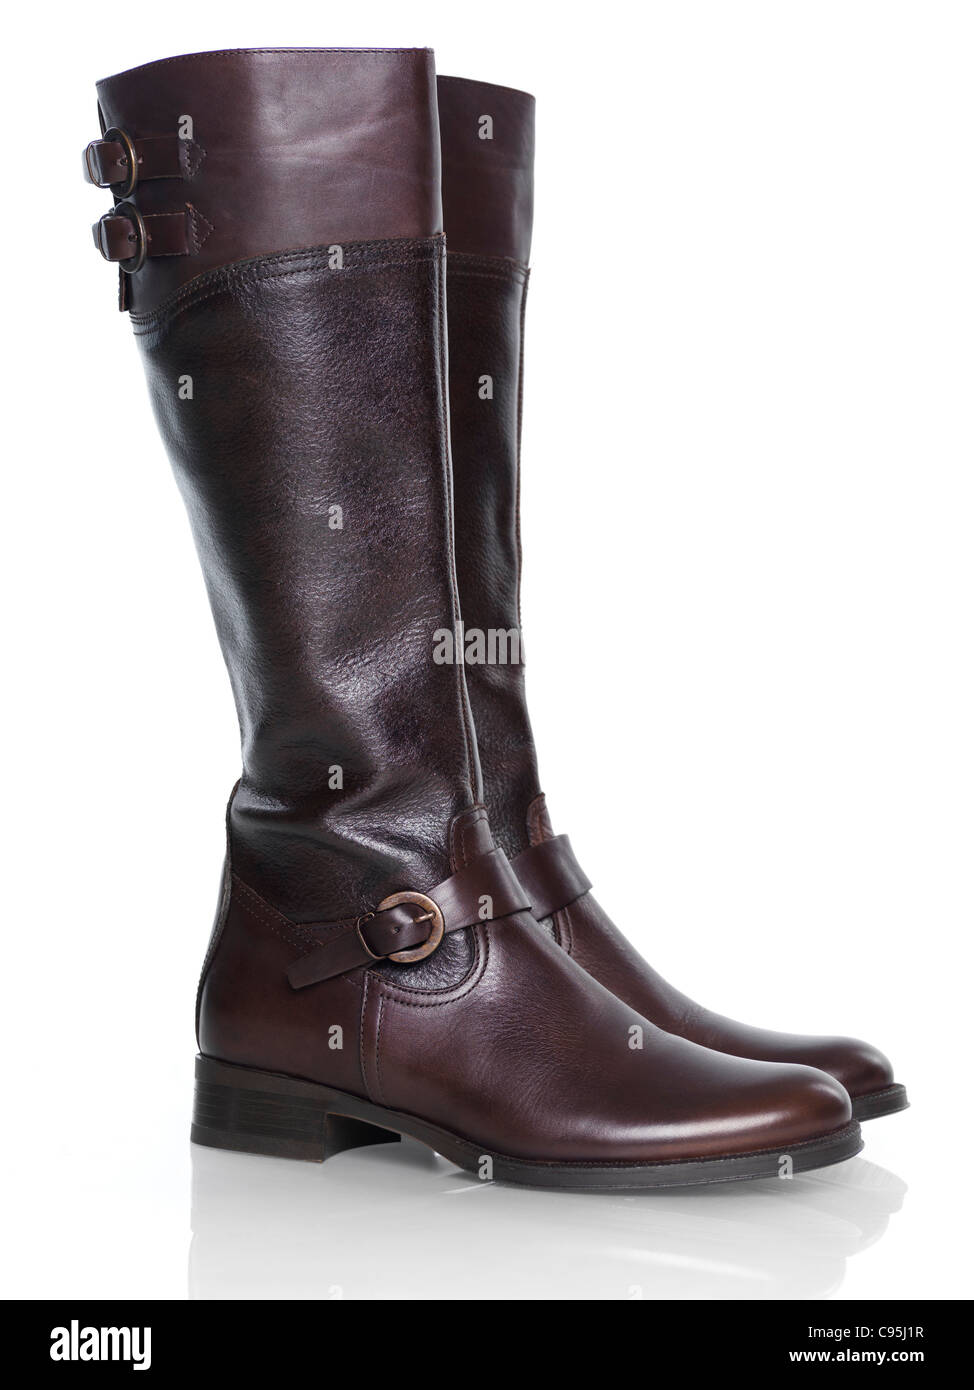 Kniehohen braun Mode Damen Lederstiefel isoliert auf weißem Hintergrund  Stockbild d23403cae9